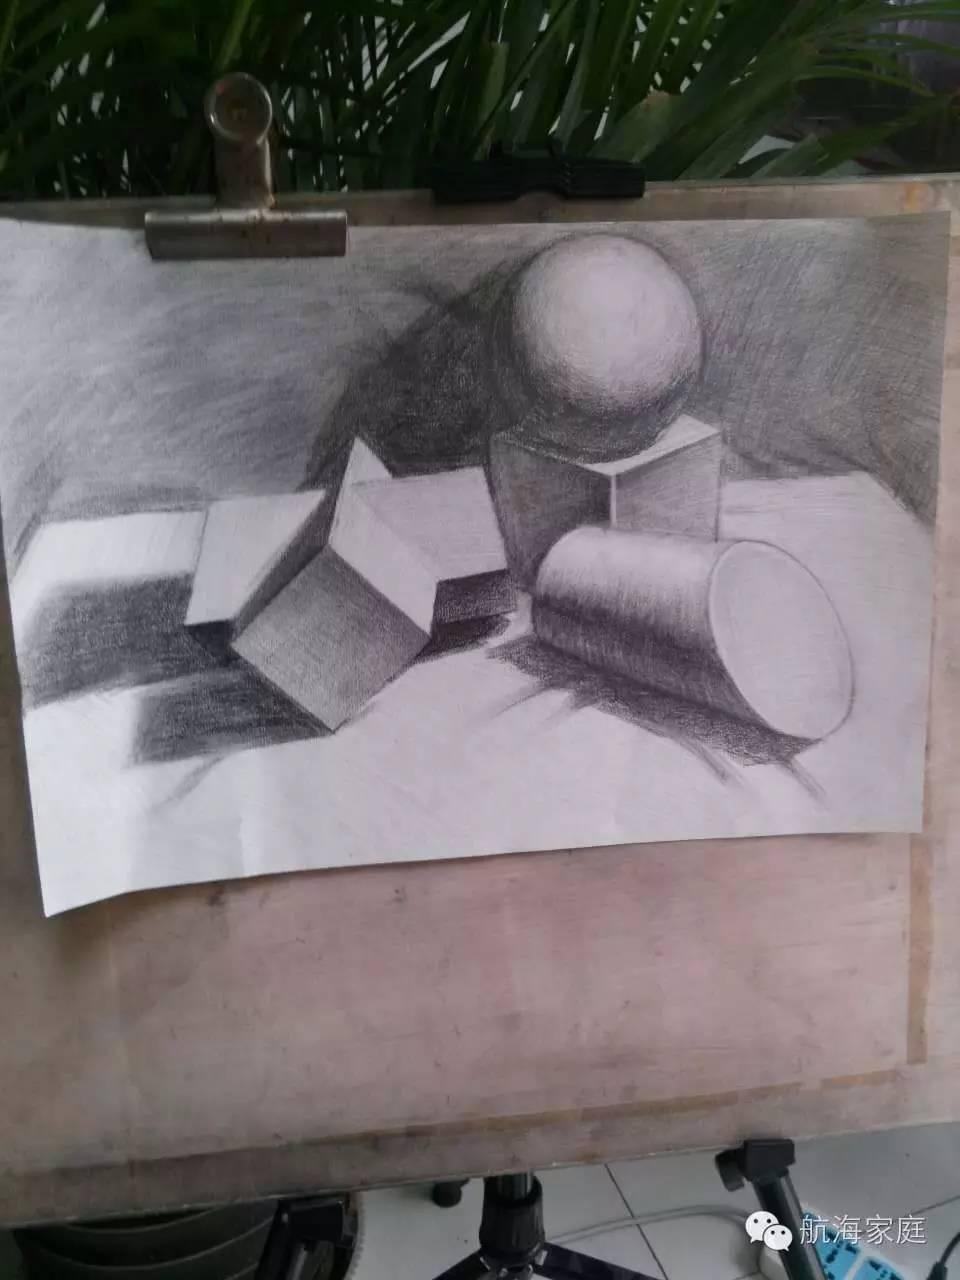 别人在上学,我在画画 8e2d899be6fe770e2a11ae0cab0a5f23.jpg